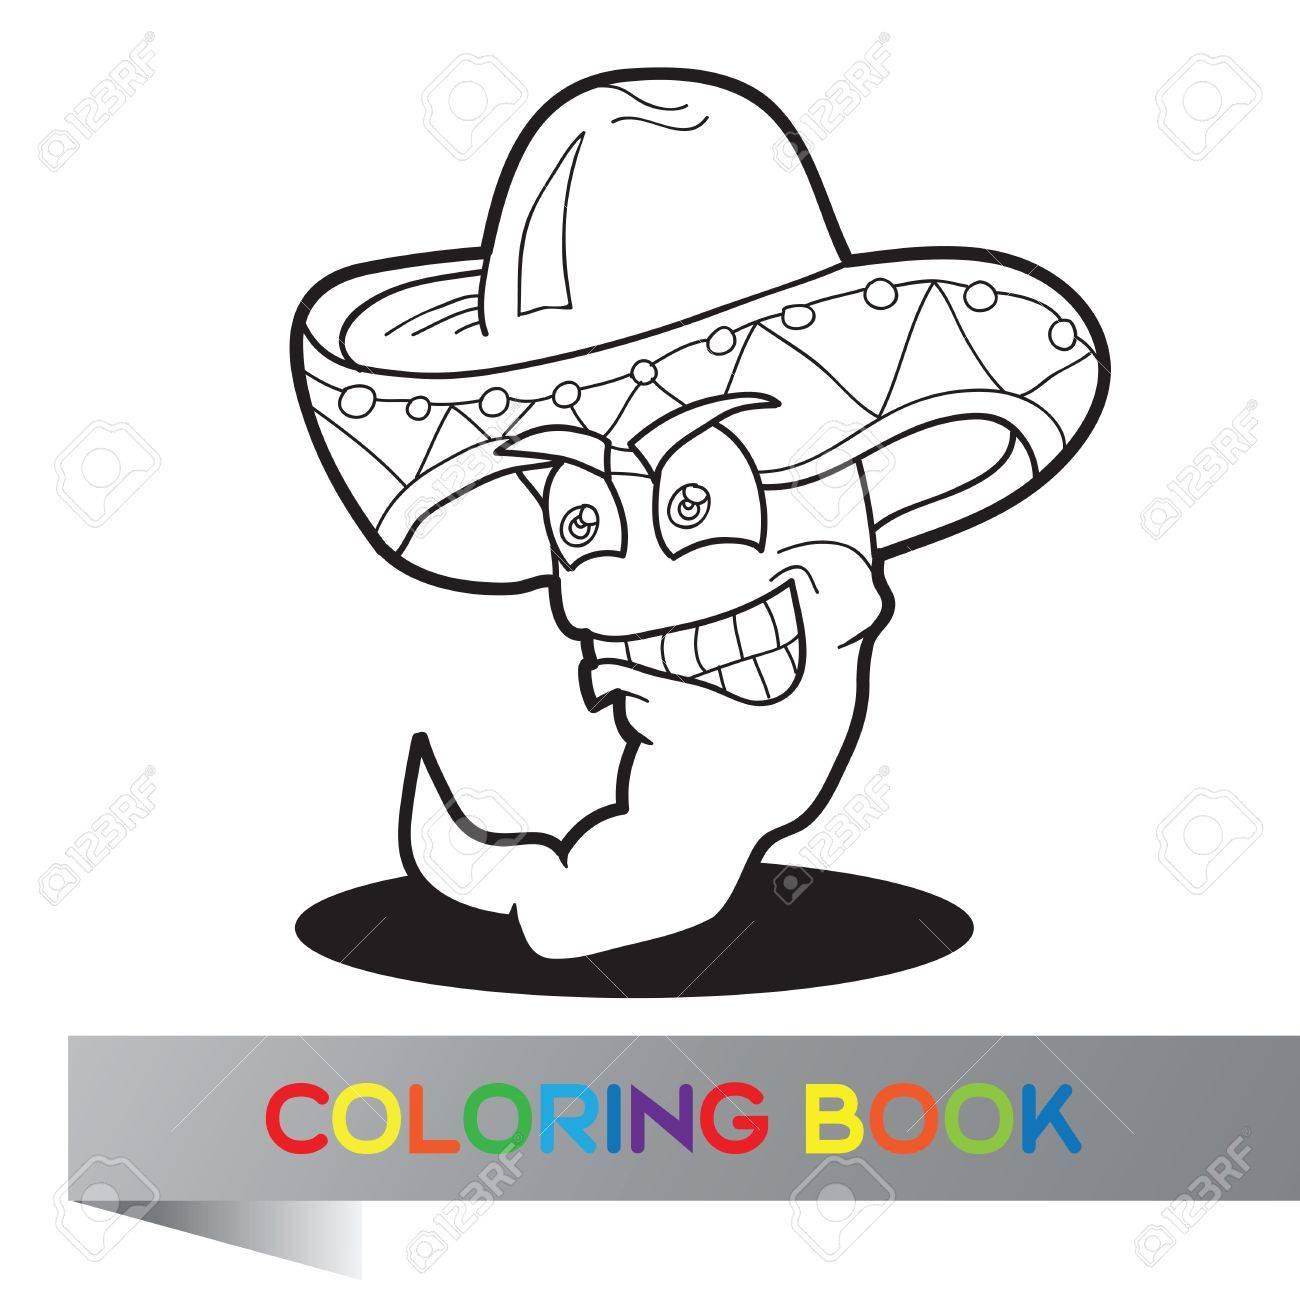 Foto de archivo - Libro para colorear con pimienta mexicano - ilustración  vectorial a537f40cb27